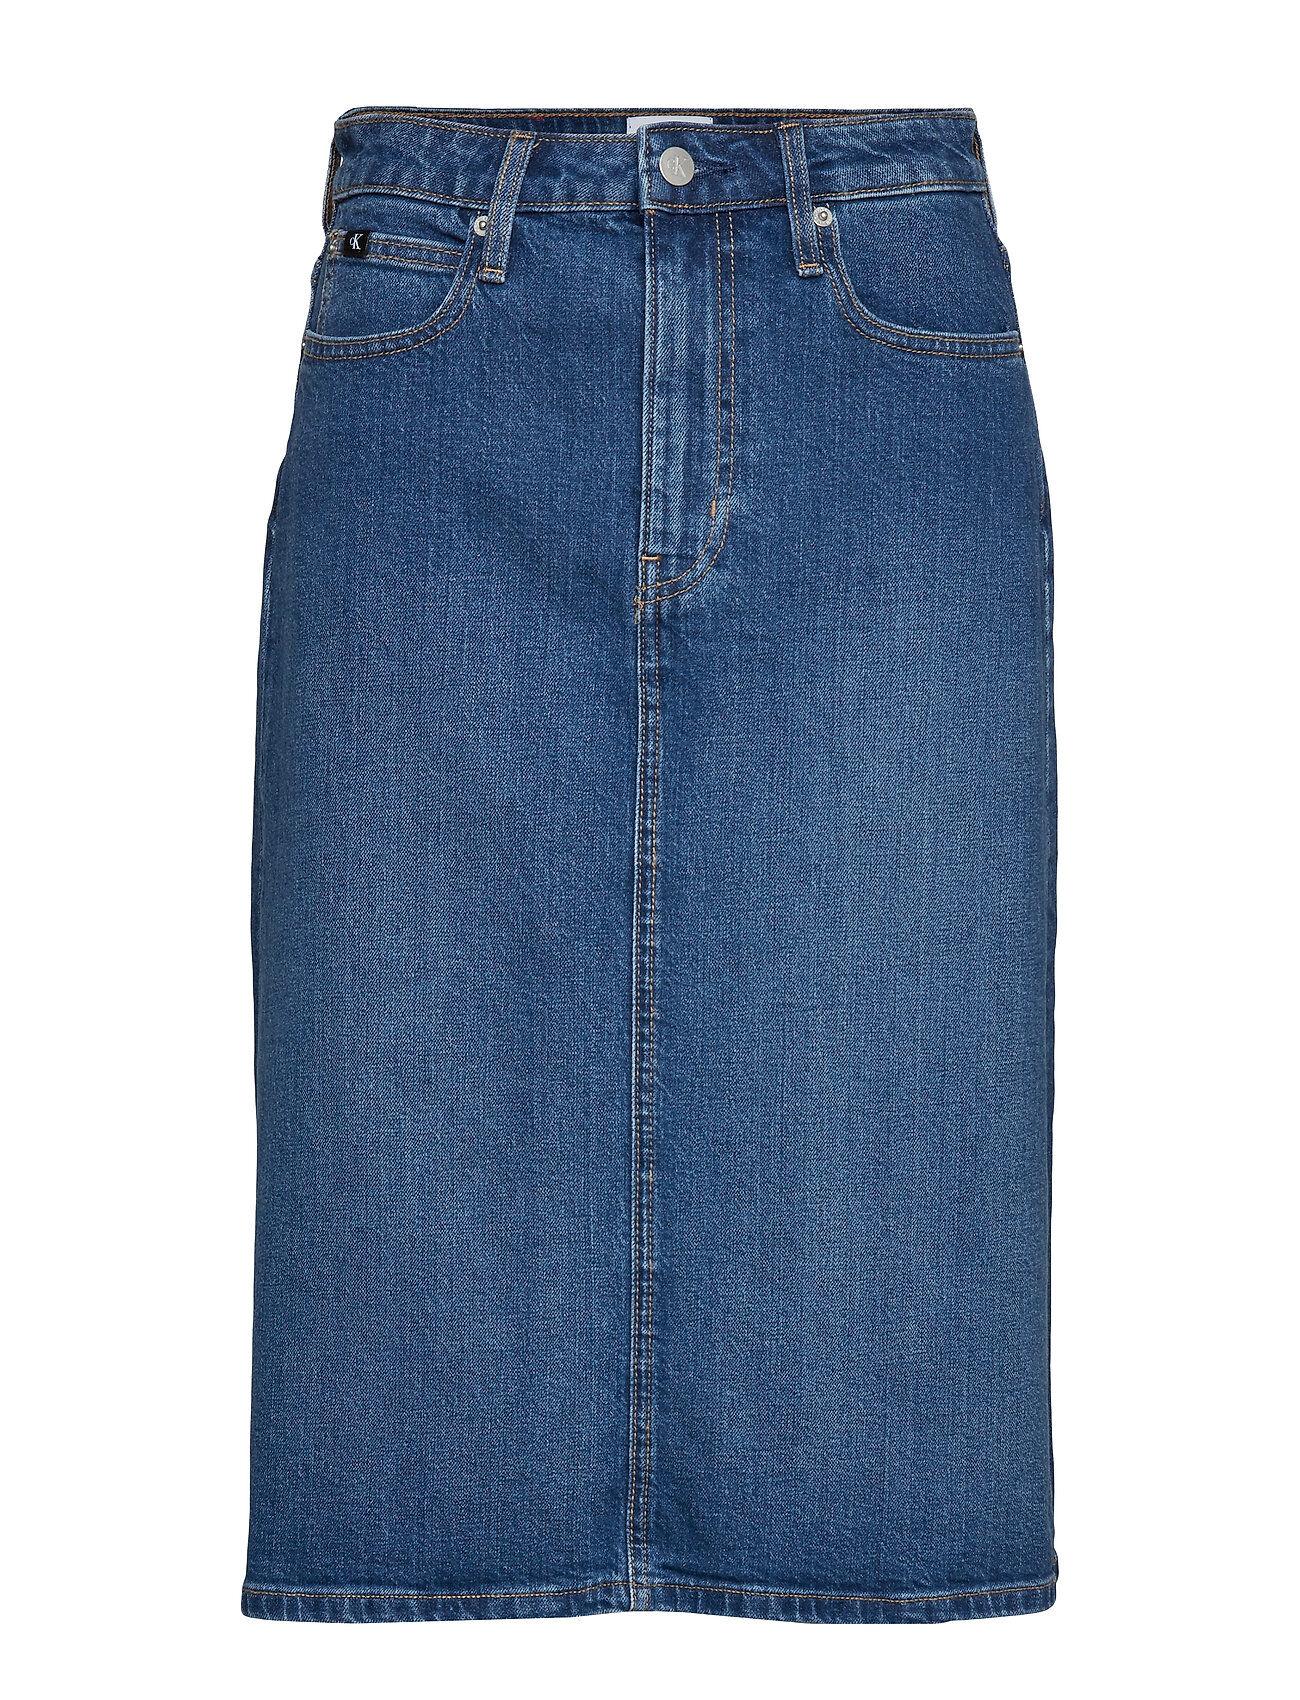 Image of Calvin Iconic Midi Skirt, 9 Polvipituinen Hame Sininen Calvin Klein Jeans